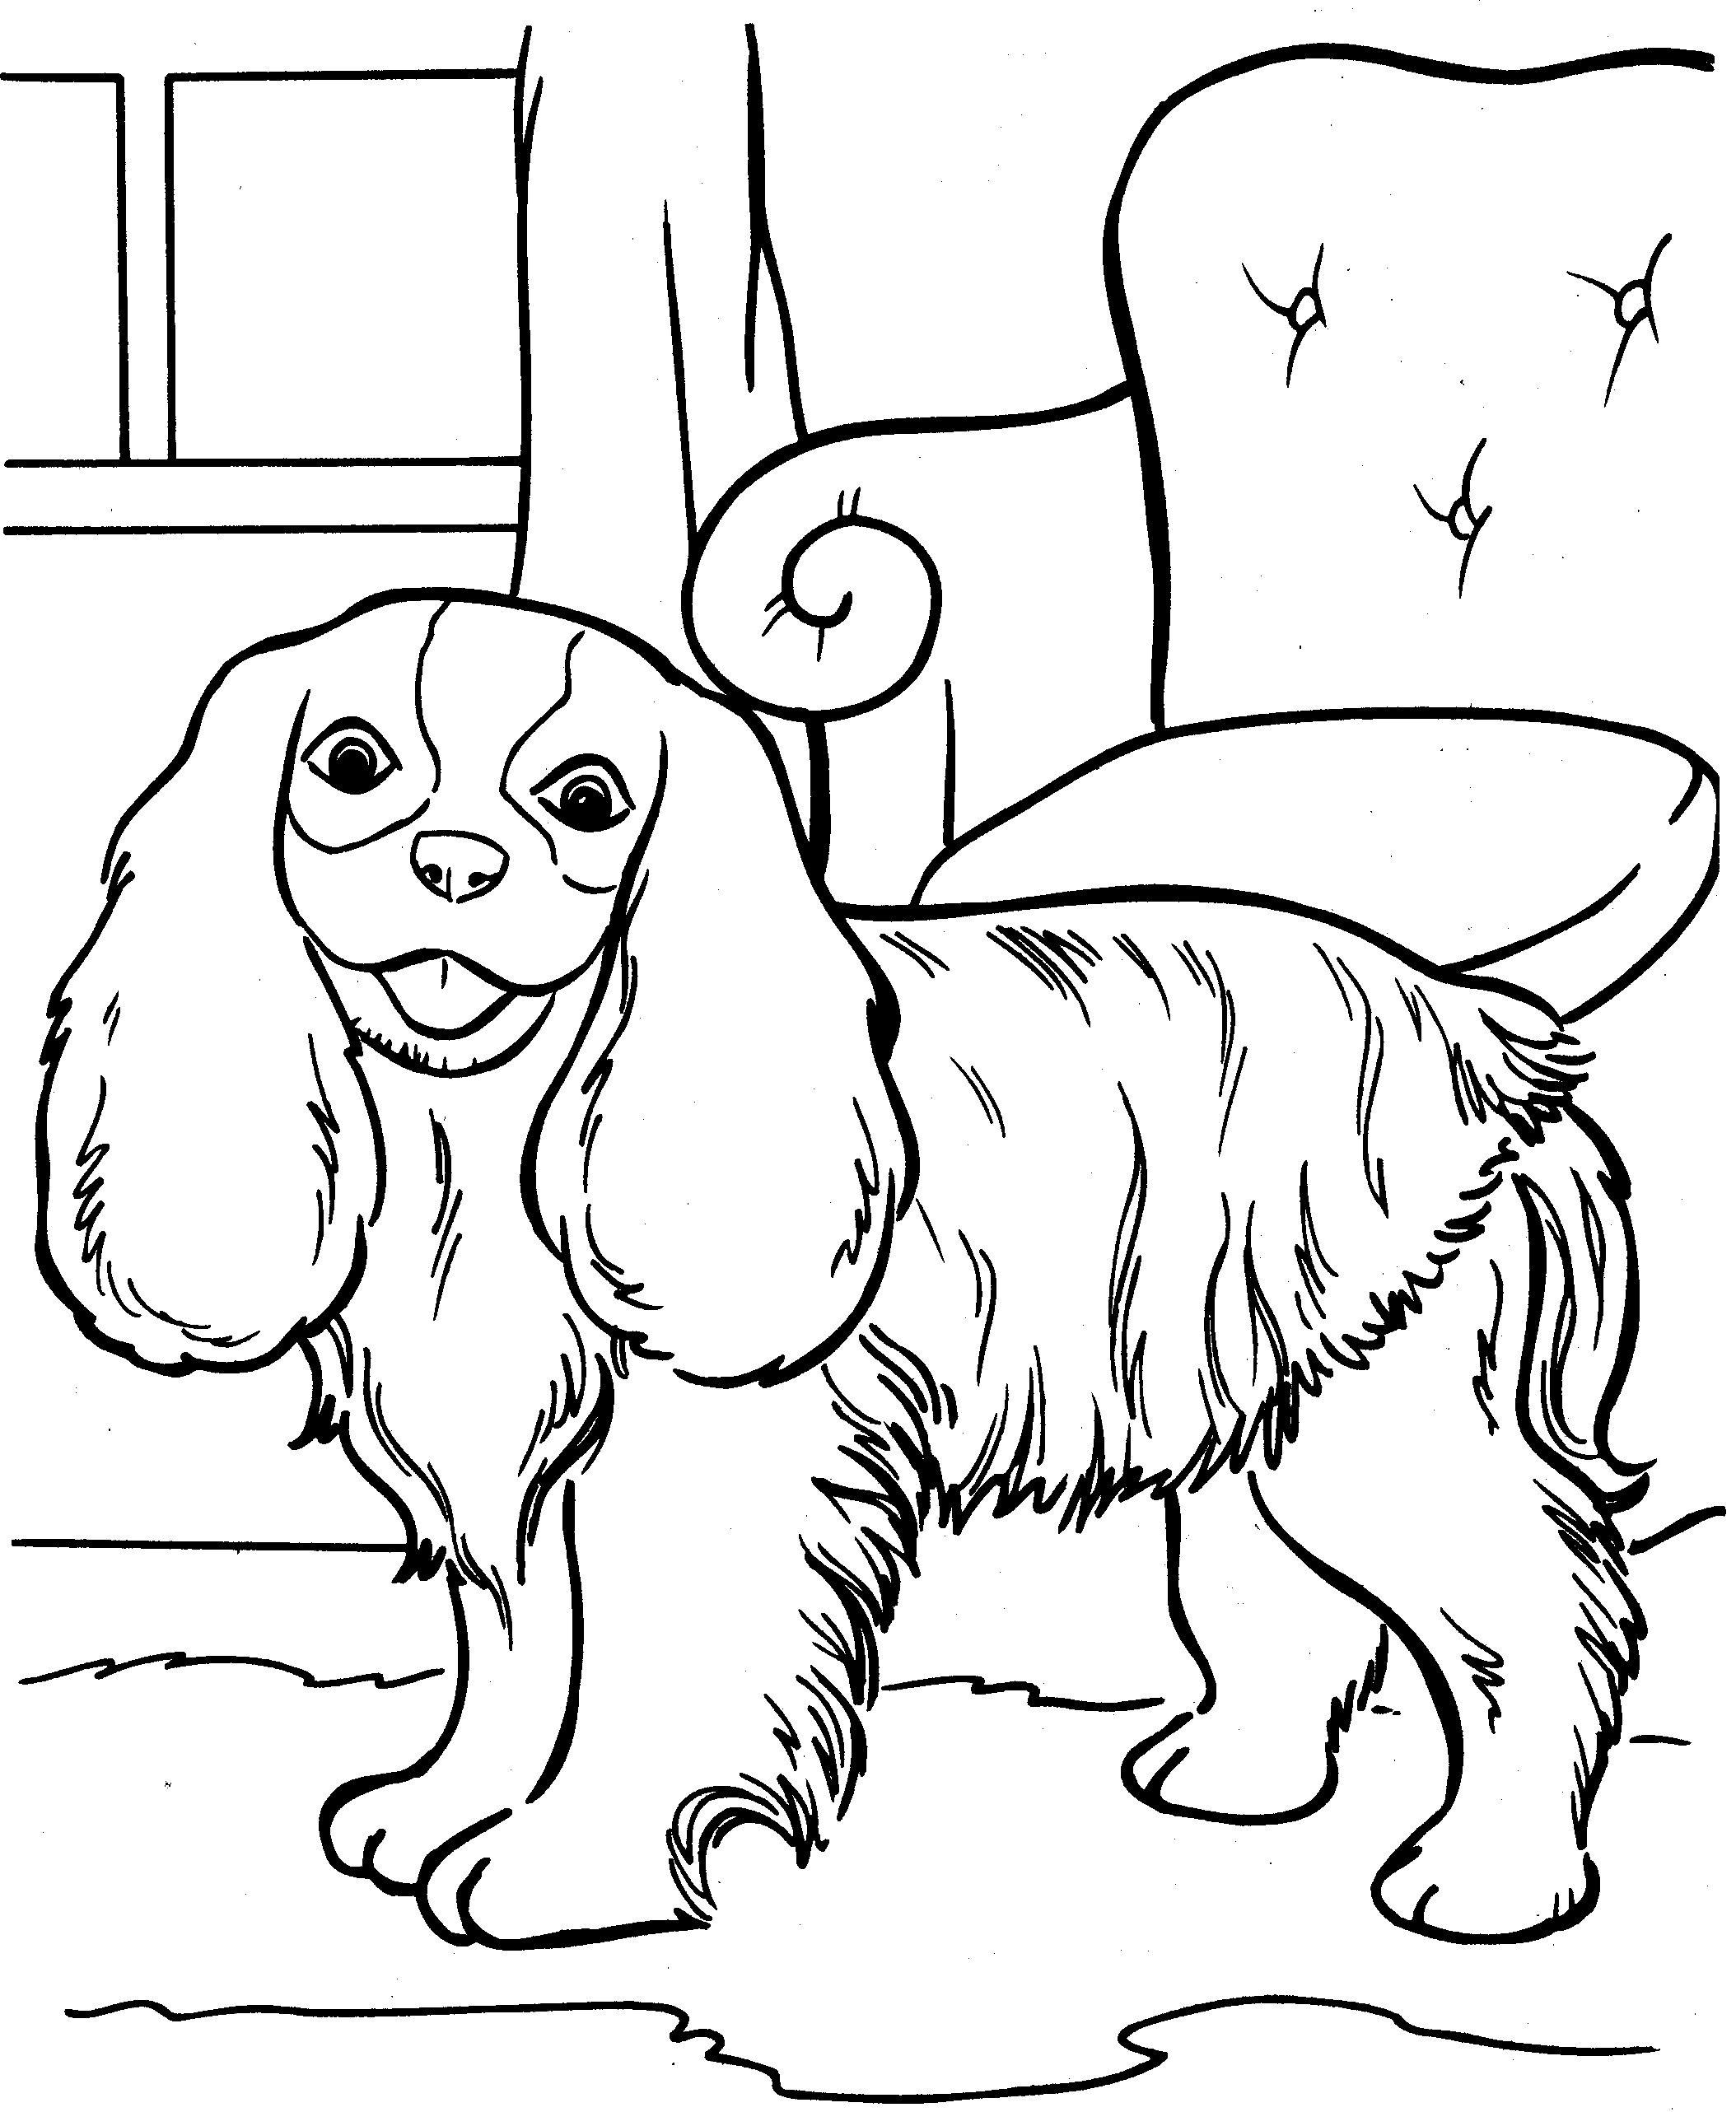 Kleurplaat Honden Kleurplaat 8893 Kleurplaten Honden Huisdieren